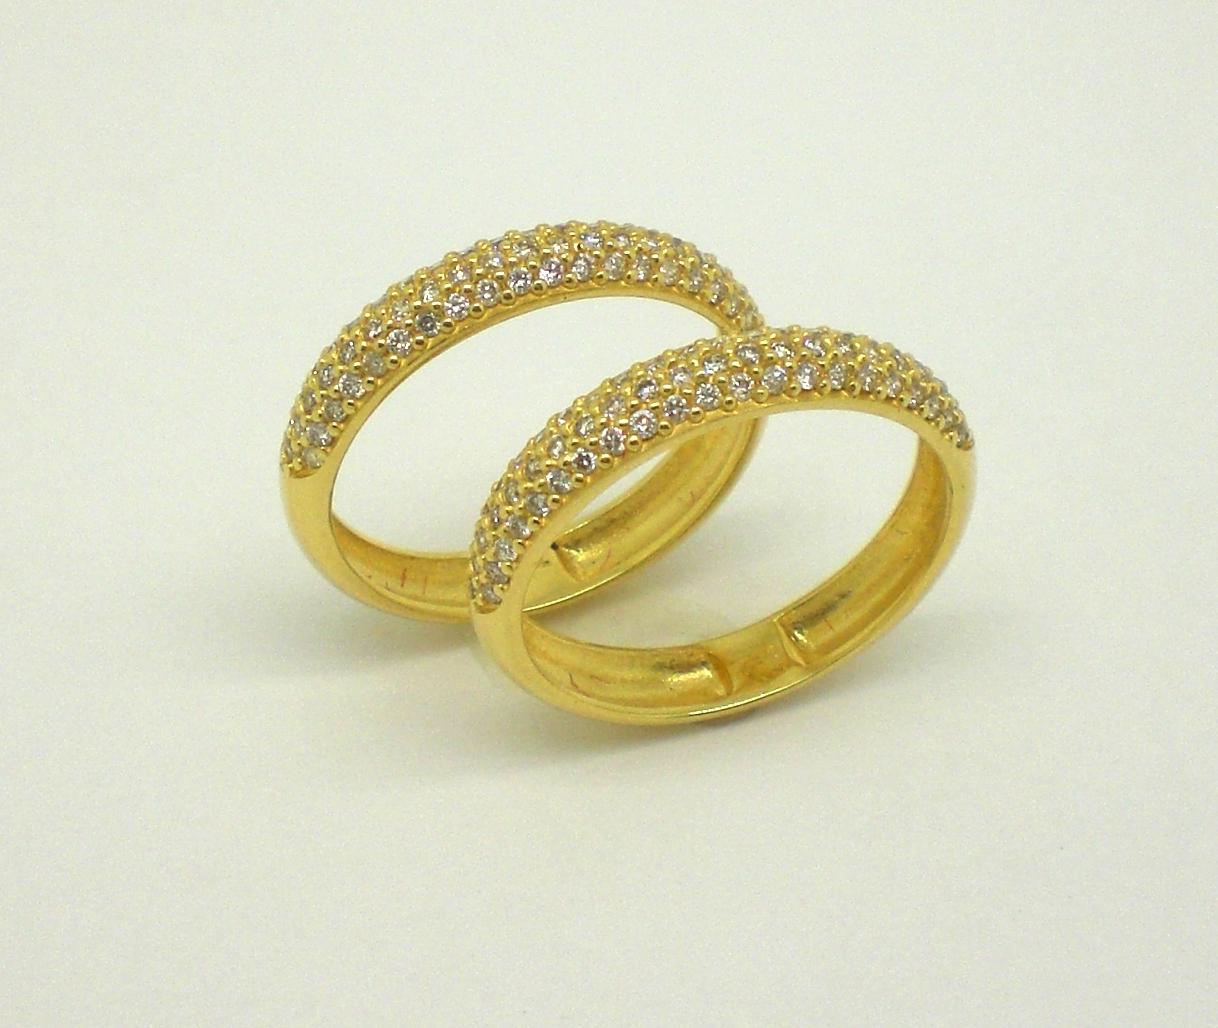 Aparadores de Aliança Diamantes em Ouro Amarelo 18k 750 Marcio Joalheiros  Marcio Joalheiros. por favor, ser visto a partir do ângulo que realmente  inspira. 6cfd3cf6b2